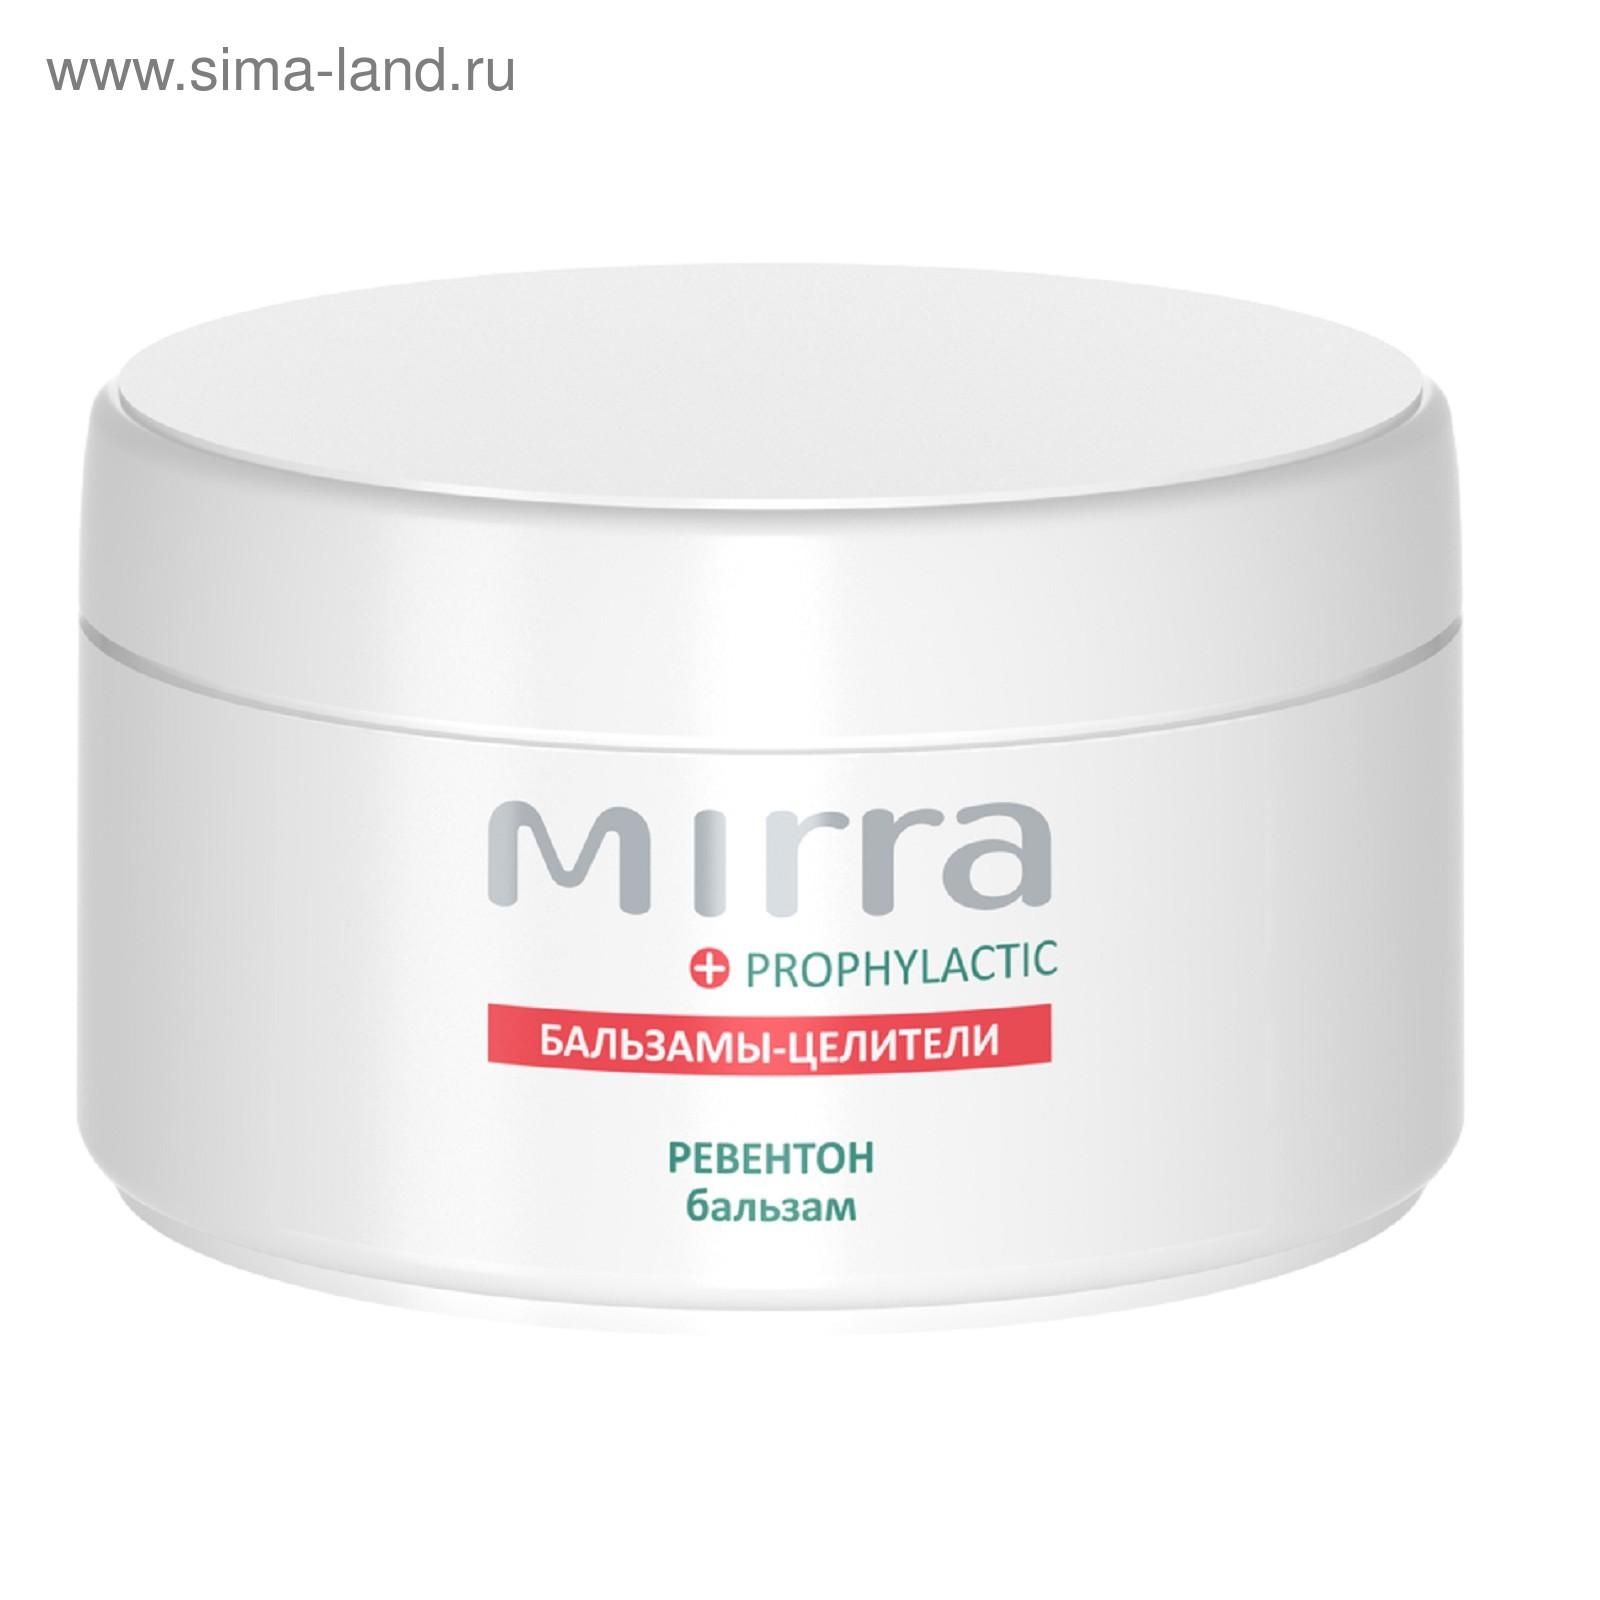 Косметика mirra спб купить парфюмерная вода avon alpha для нее